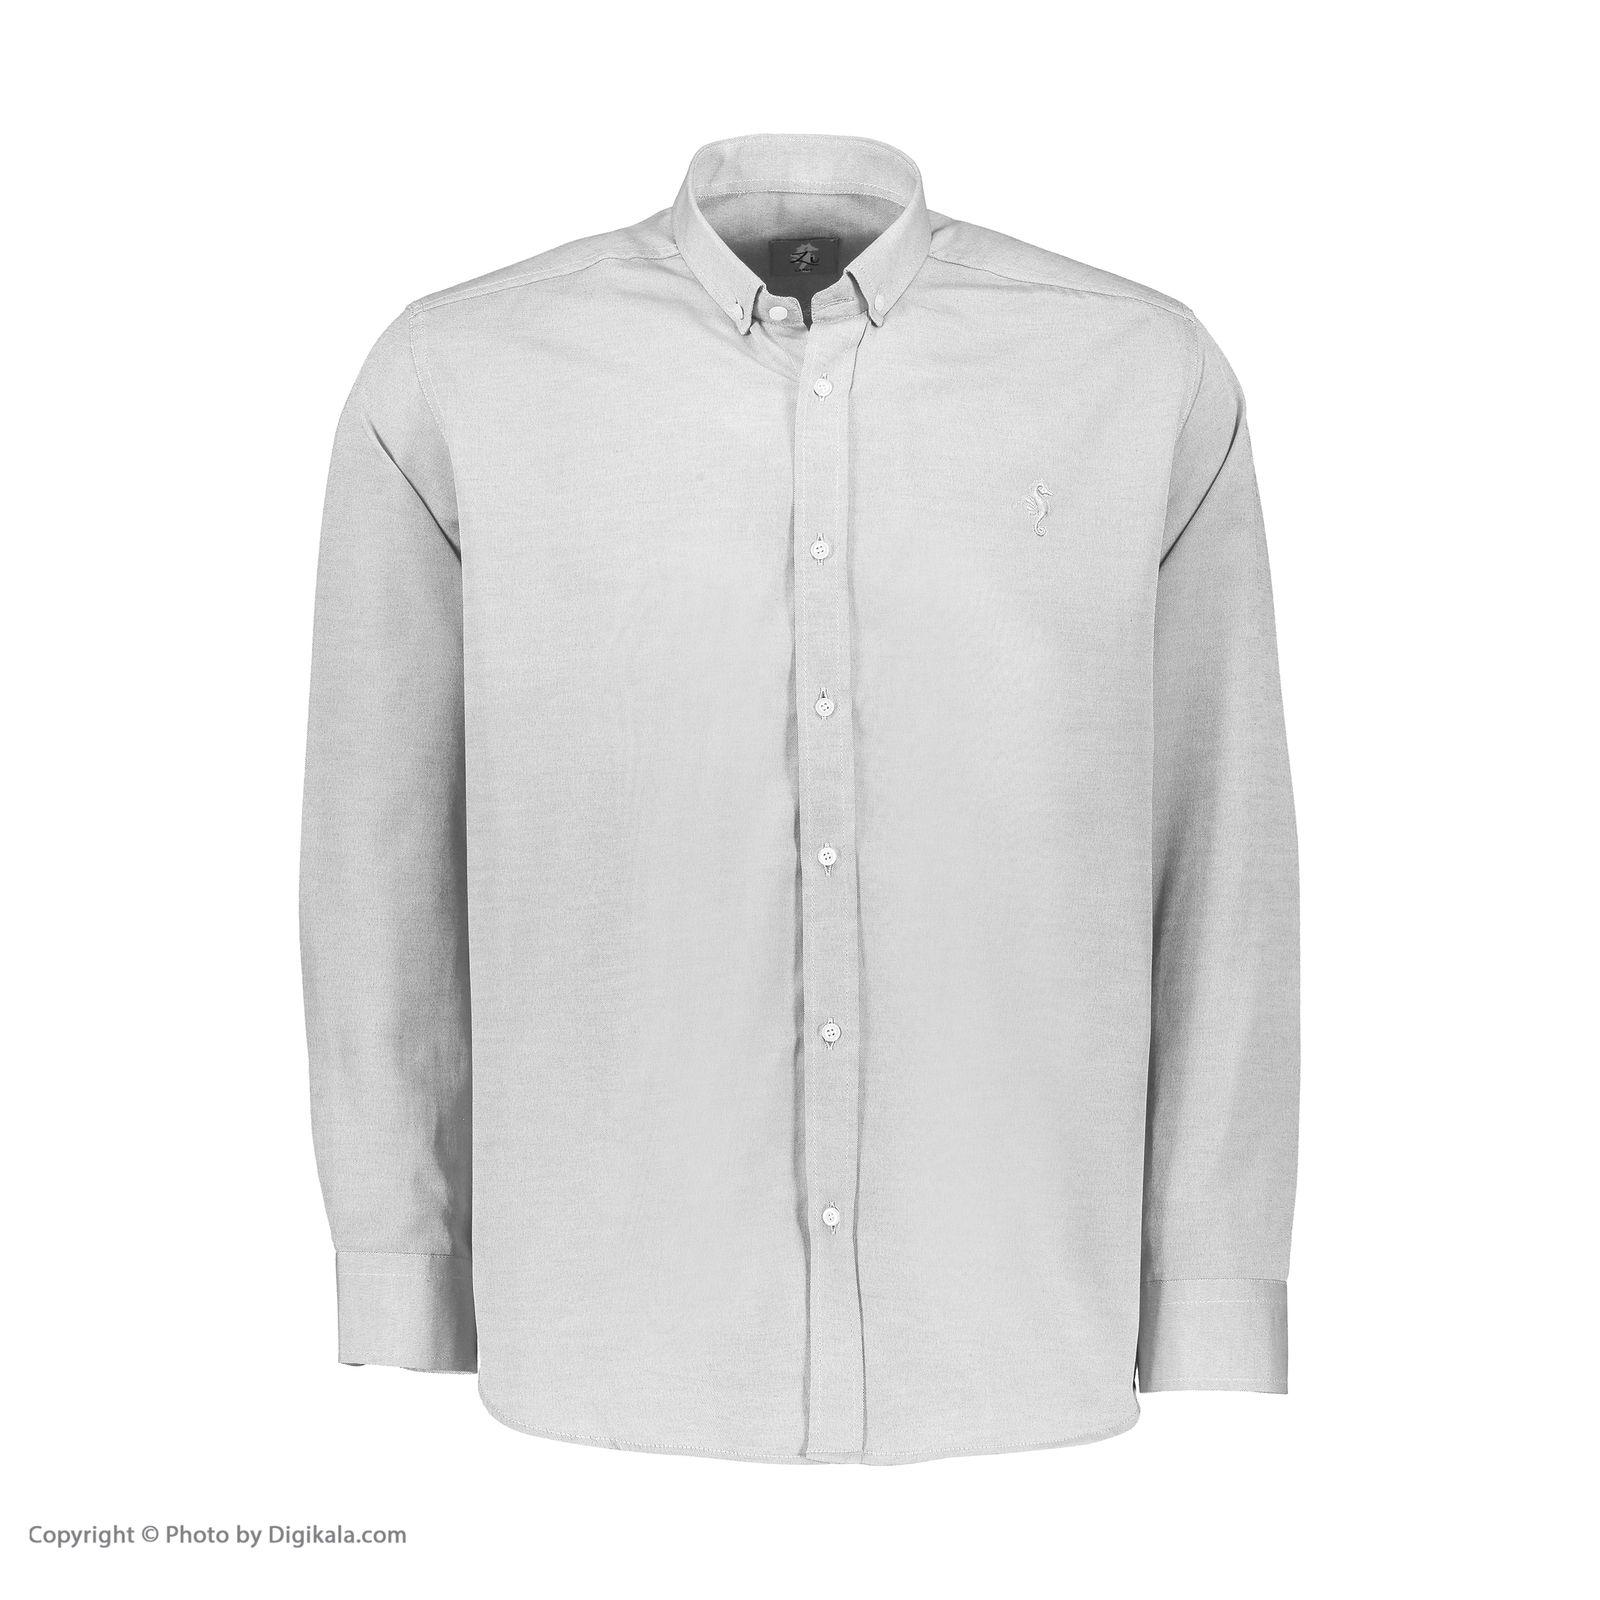 پیراهن مردانه زی مدل 153118601 -  - 2